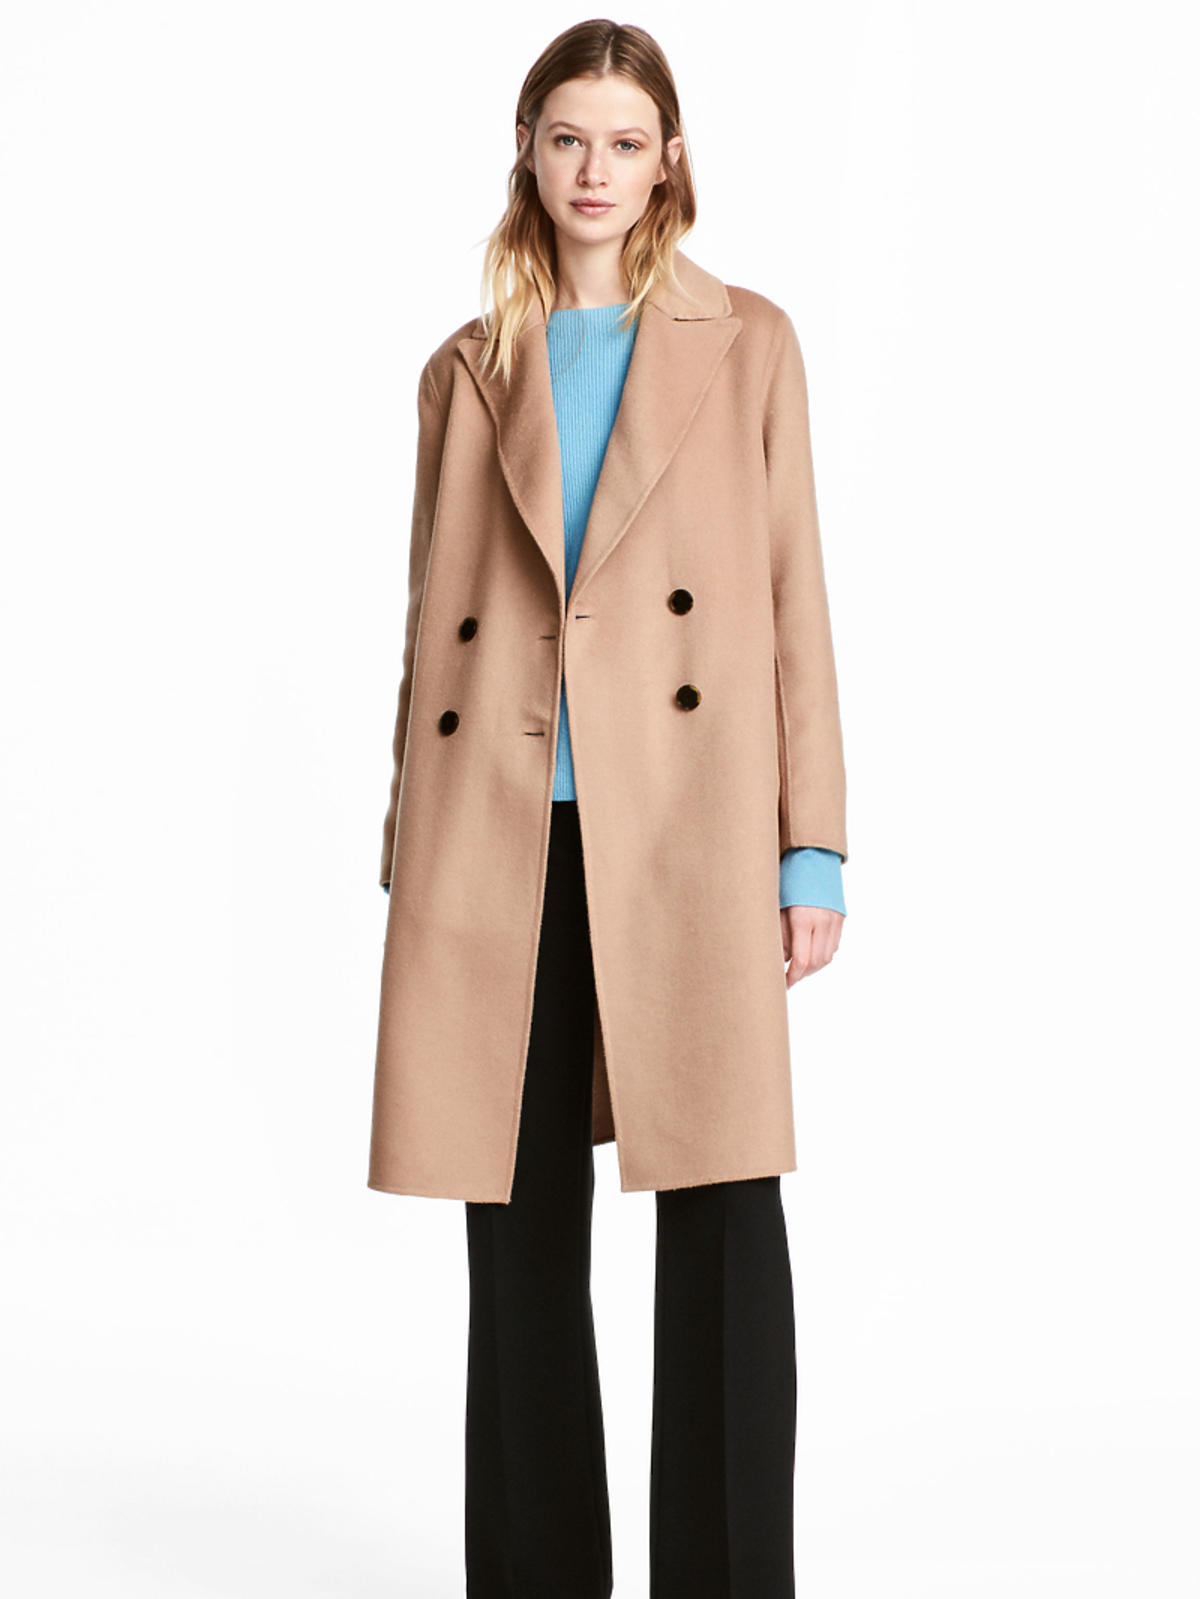 Płaszcz H&M z domieszką wełny, 599 zł